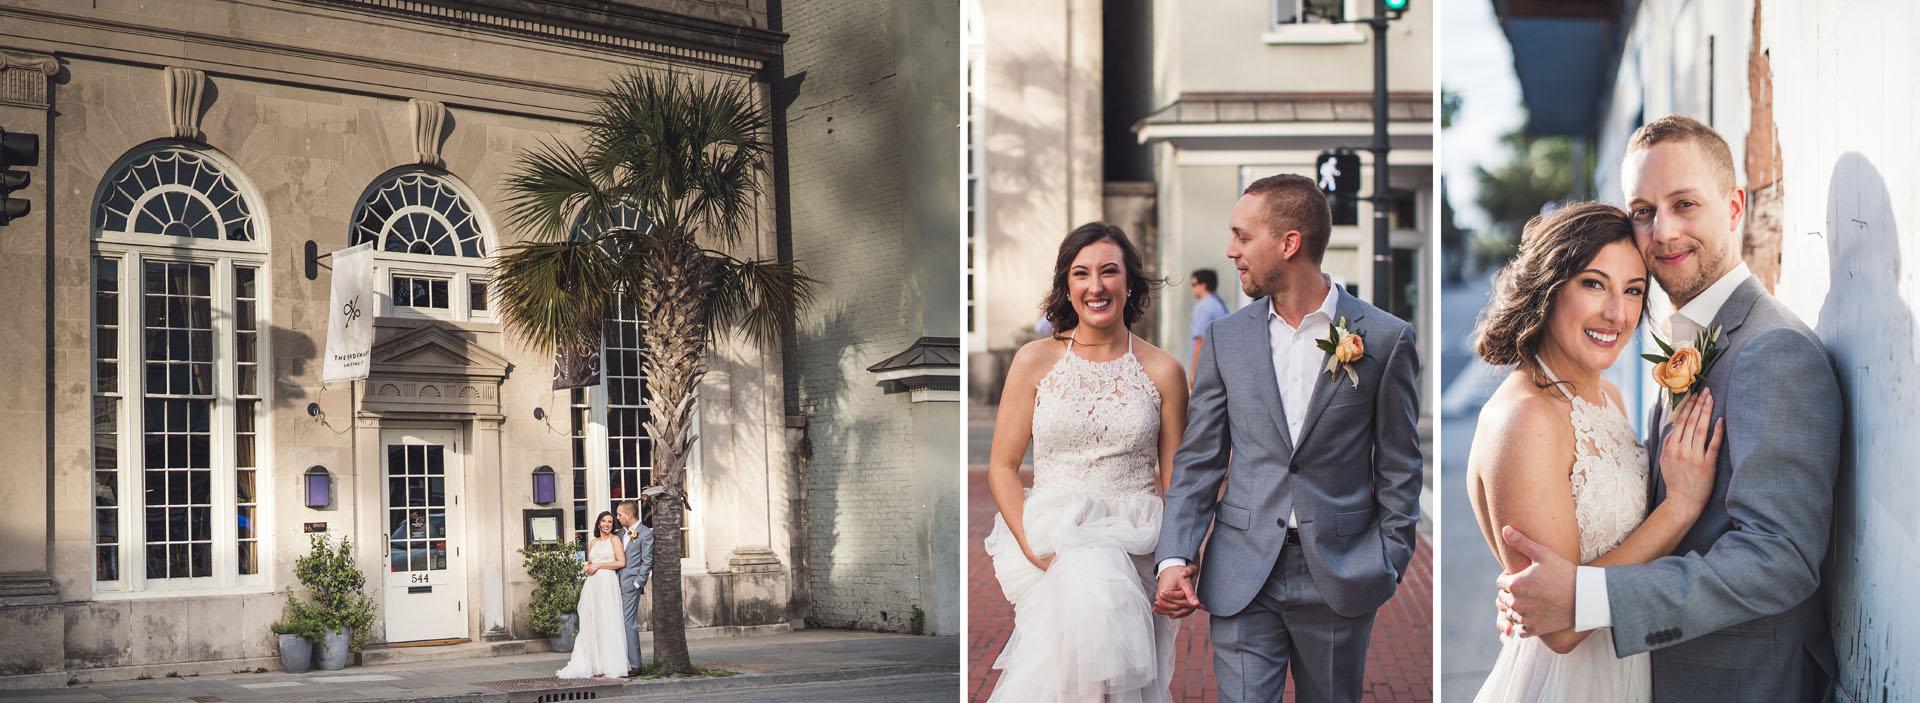 Charleston Photographer